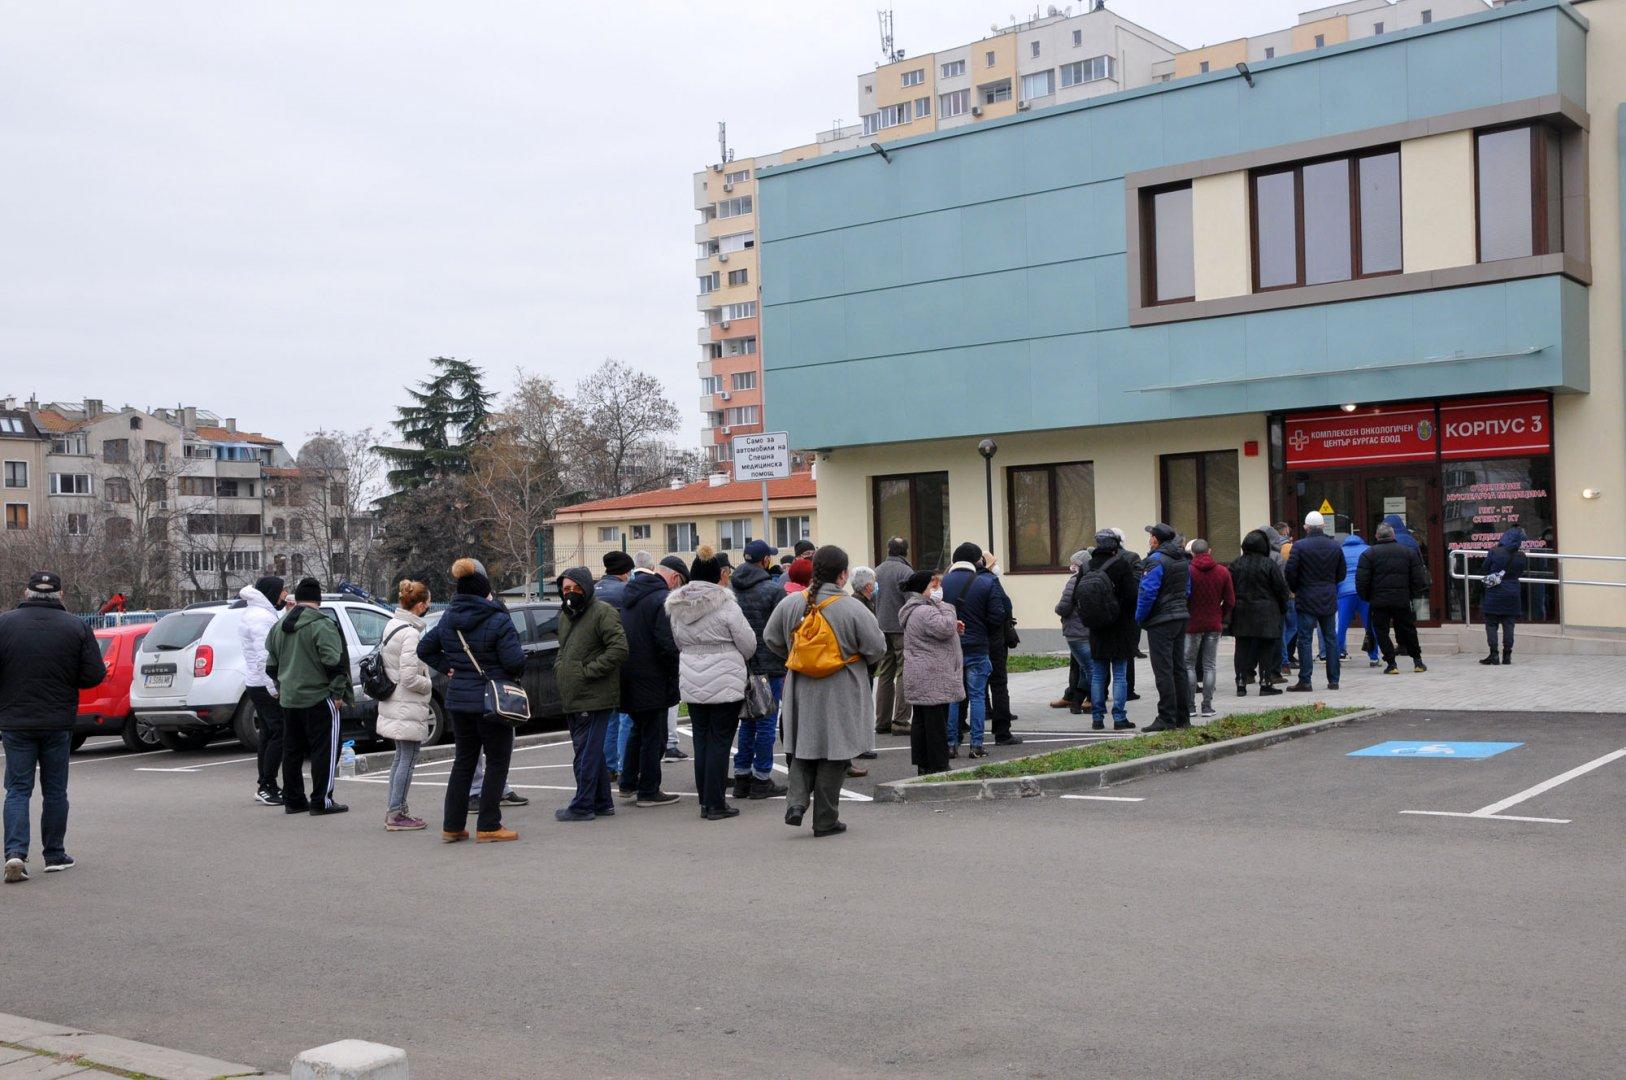 Първите зелени коридори за ваксинация с Астра Зенека бяха разкрити в края на февруари. Снимка Архив Черноморие-бг